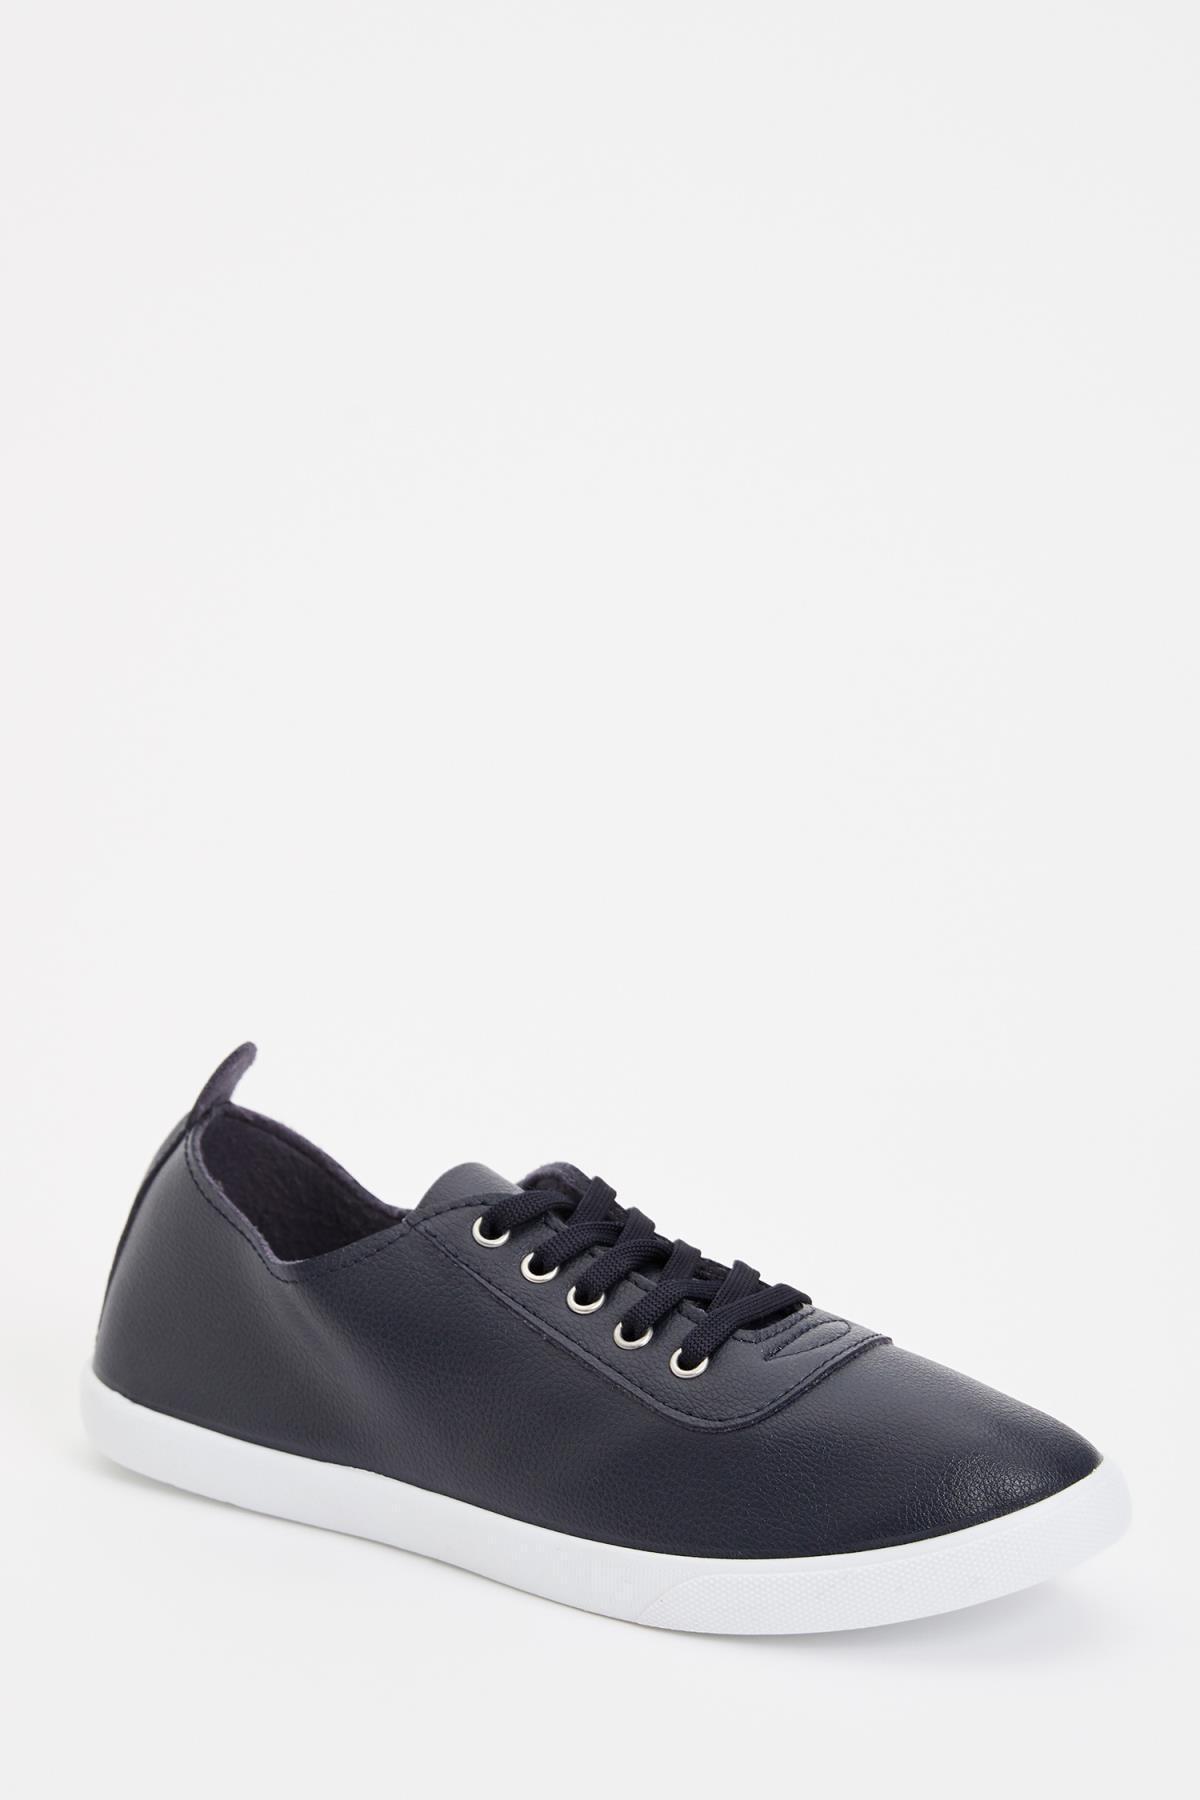 DeFacto Suni Deri Bağcıklı Sneaker Ayakkabı